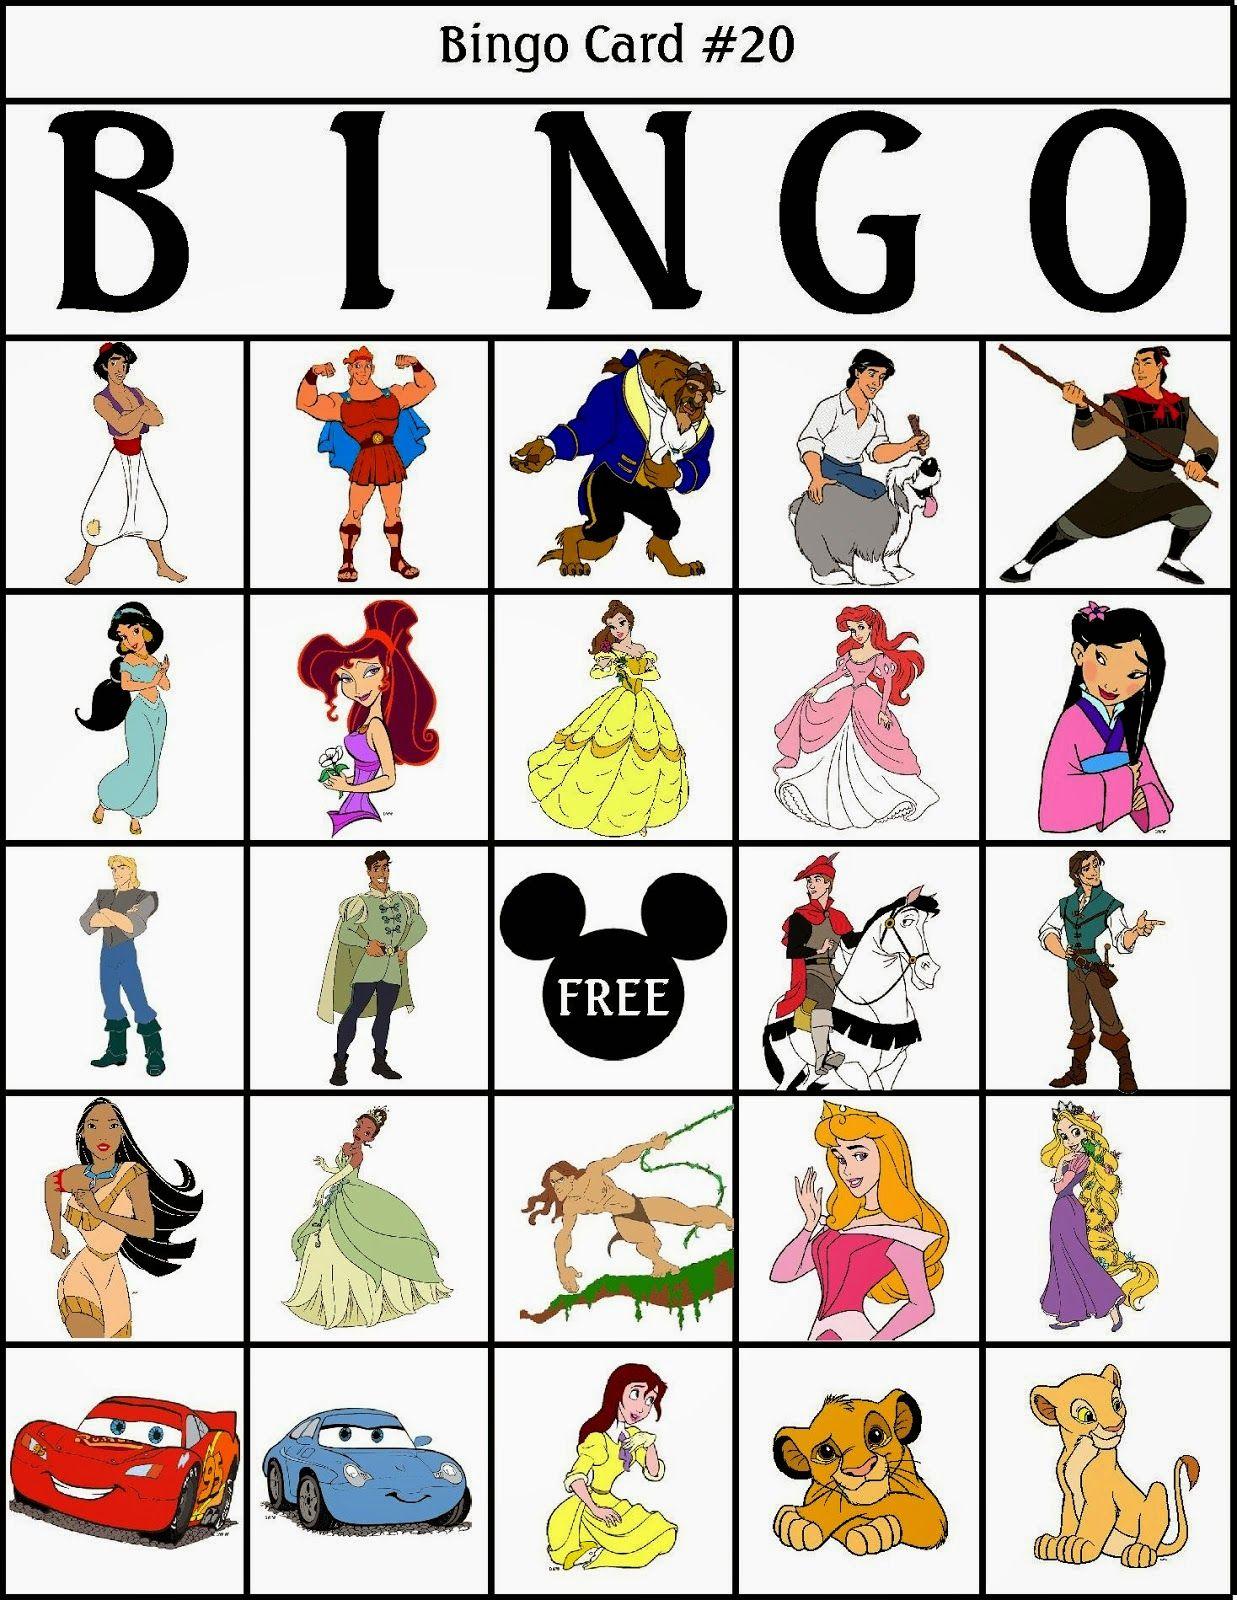 Bingo De Personajes Disney Para Imprimir Gratis Adorable Disney